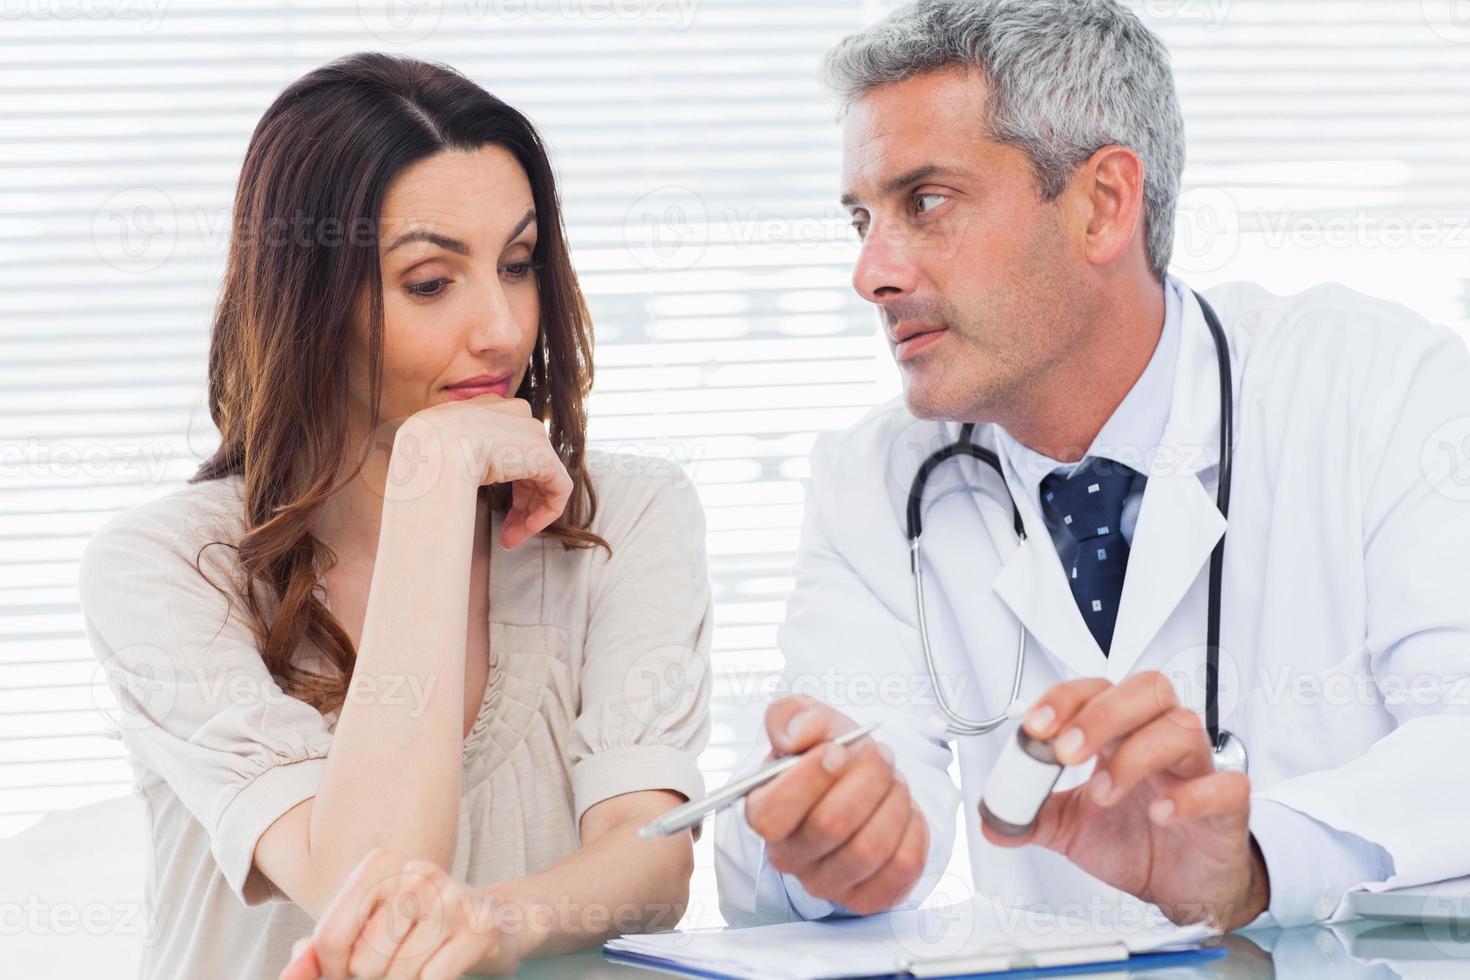 ernsthafter Arzt, der seinem Patienten zuhört foto